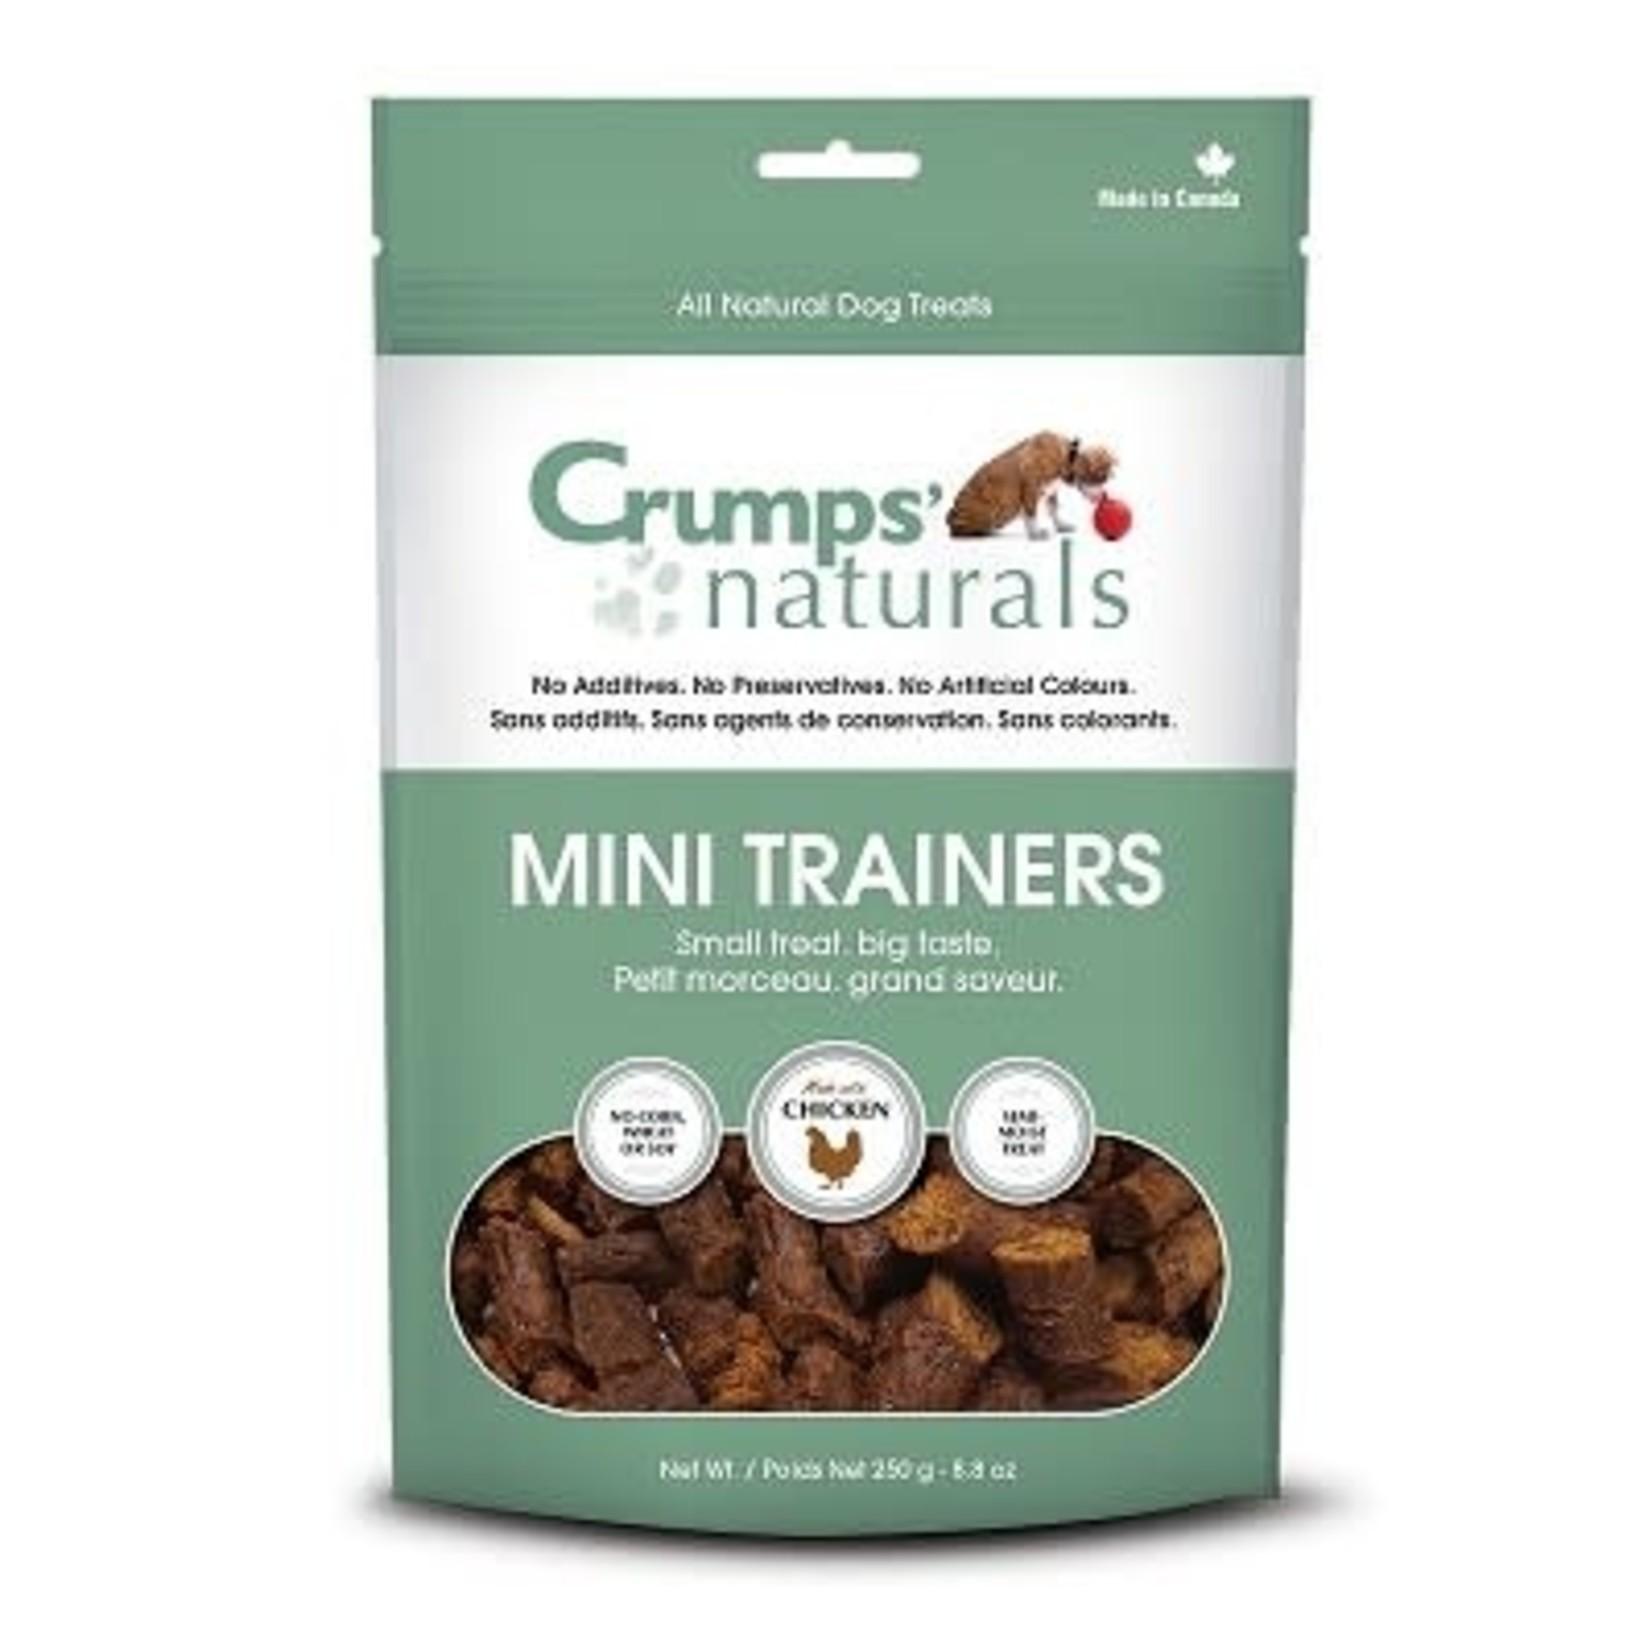 Crumps Mini Trainers-Dog-Semi moist Chicken 4.2oz